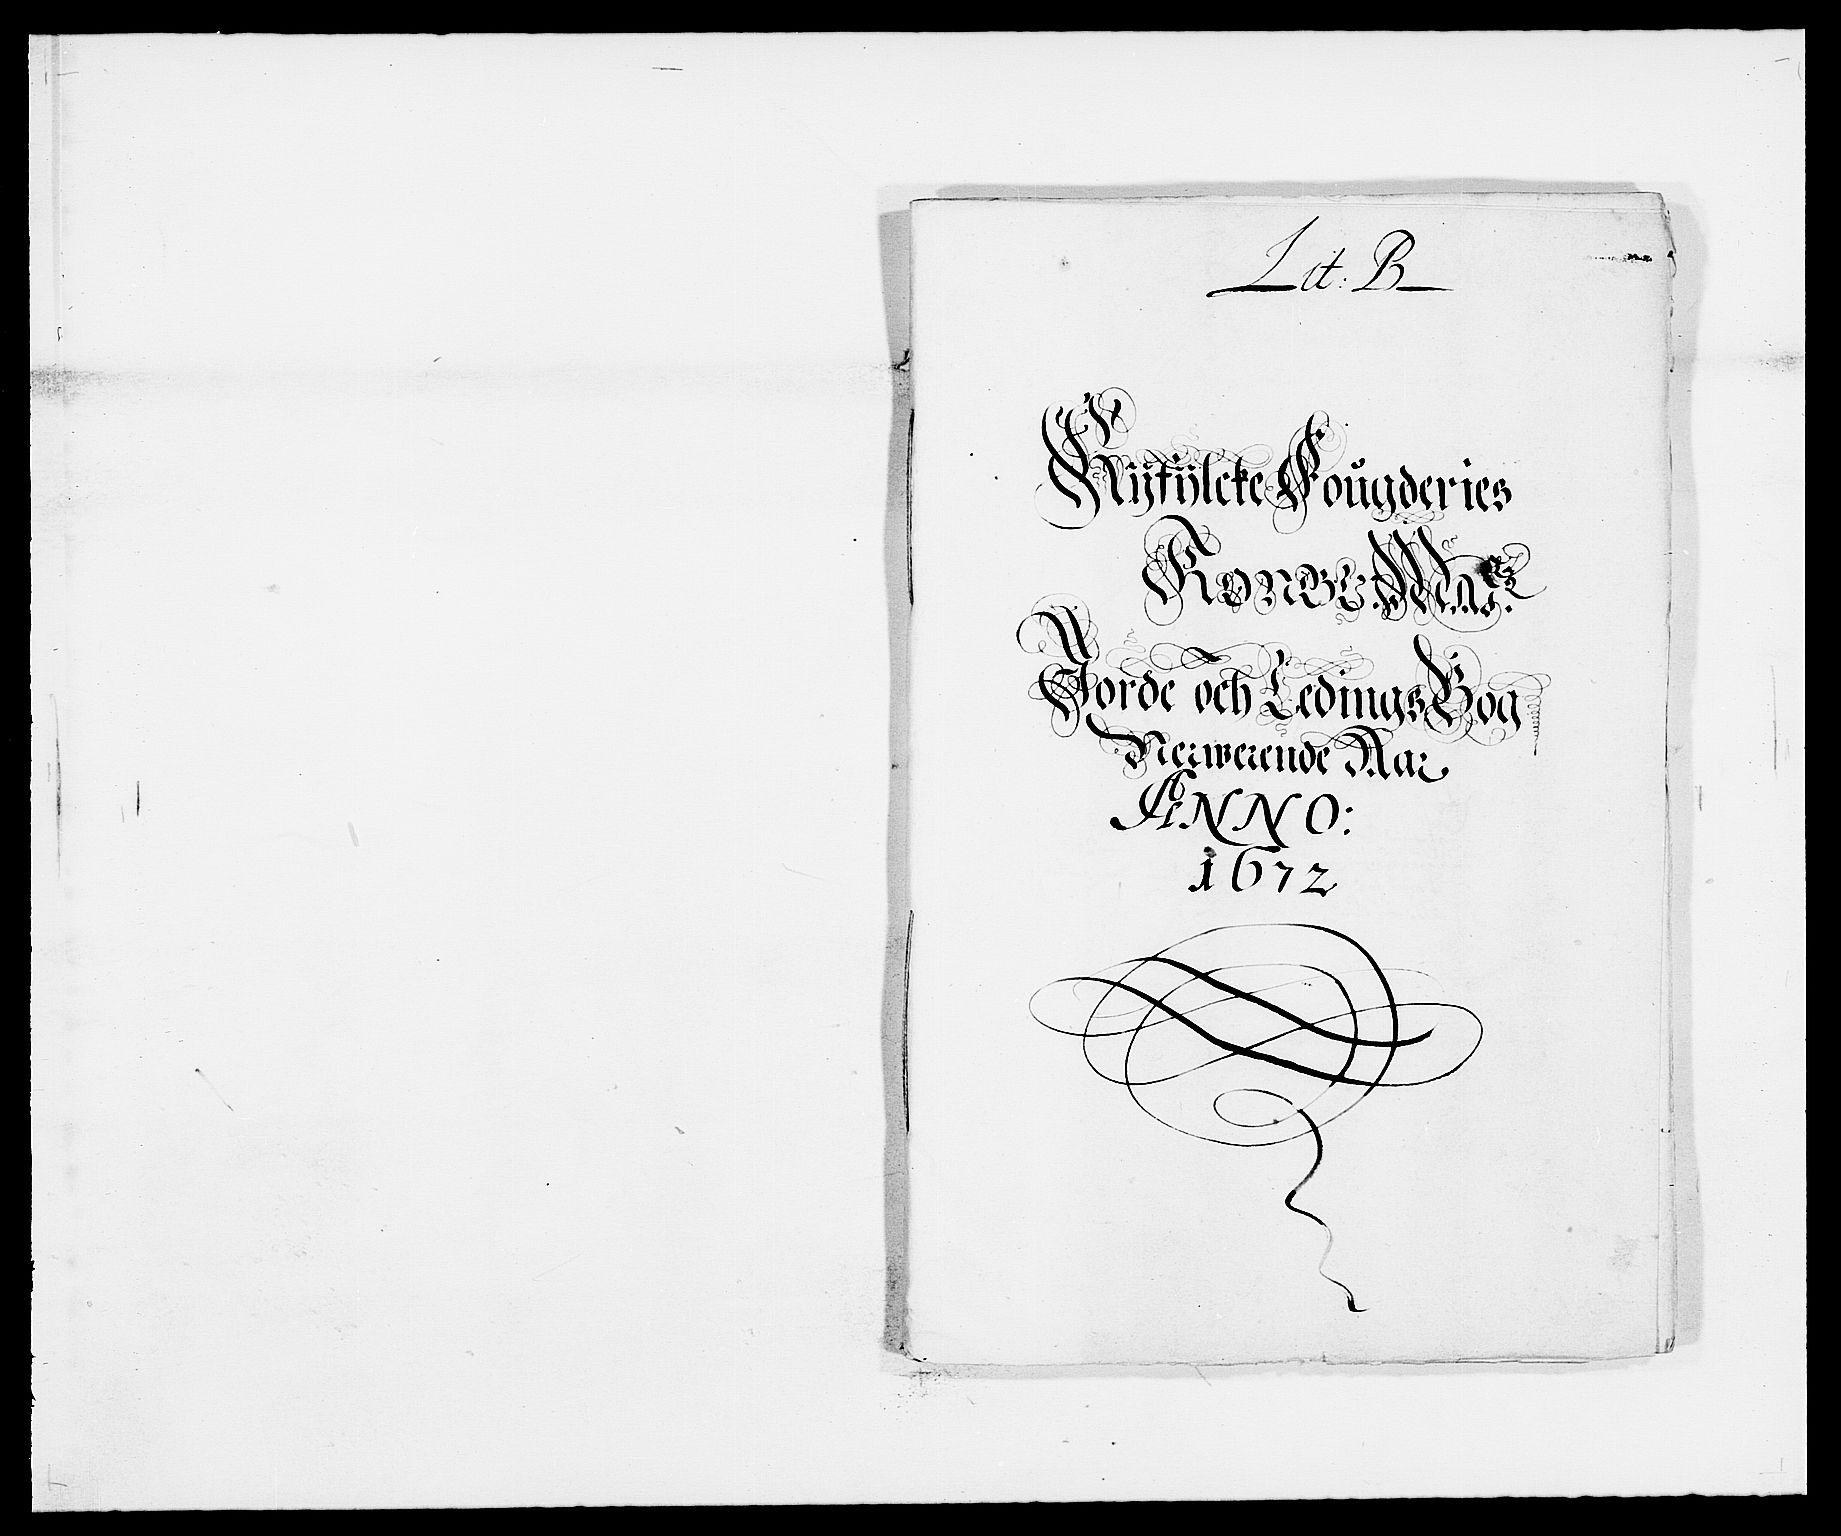 RA, Rentekammeret inntil 1814, Reviderte regnskaper, Fogderegnskap, R47/L2844: Fogderegnskap Ryfylke, 1672-1673, s. 8